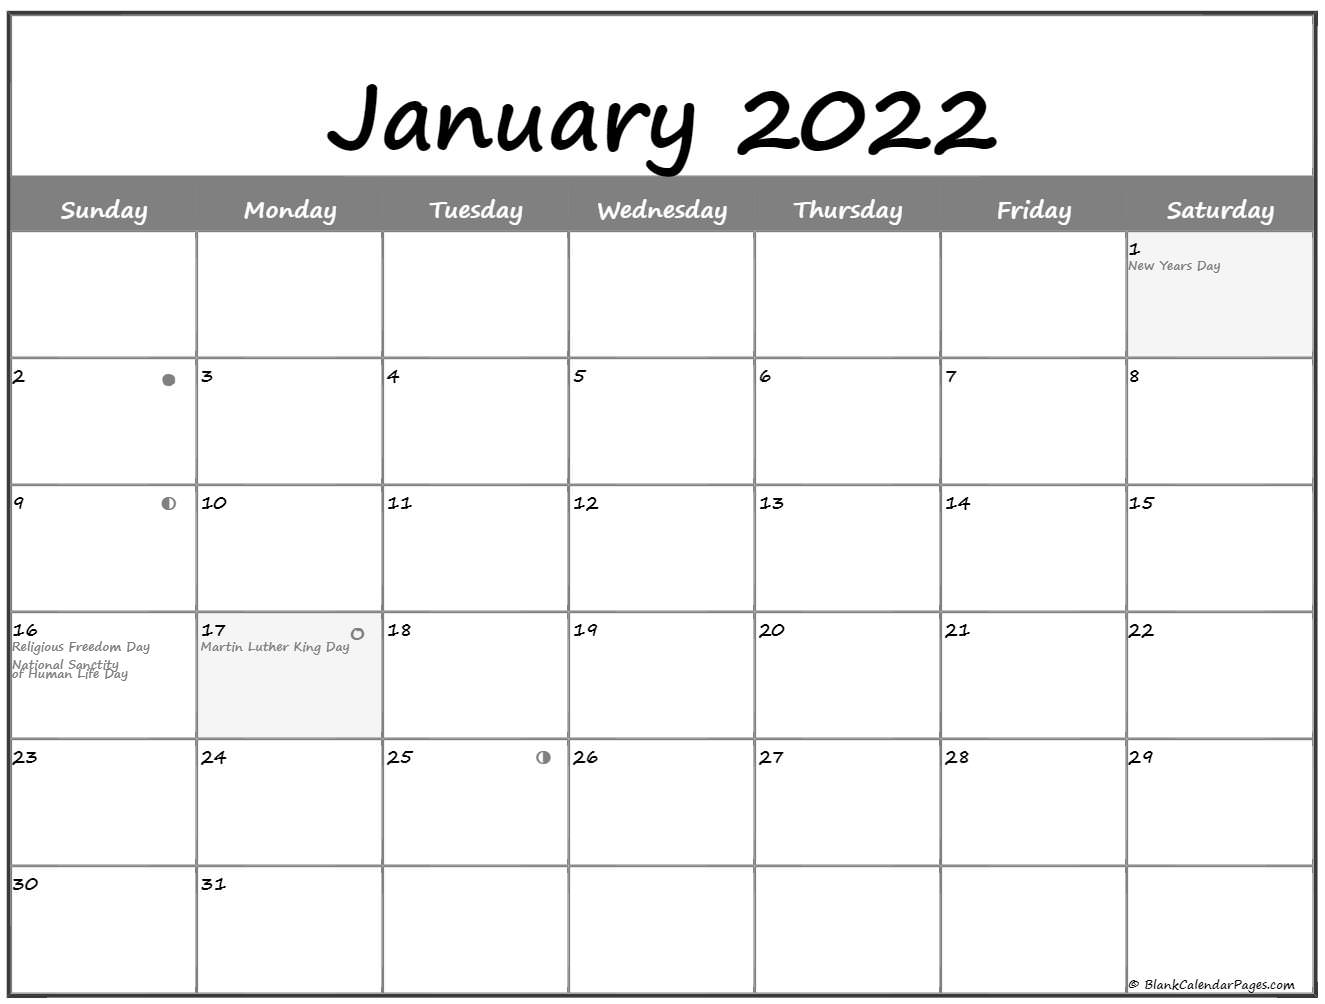 january 2022 lunar calendar moon phase calendar::January 2022 calendar with holidays printable